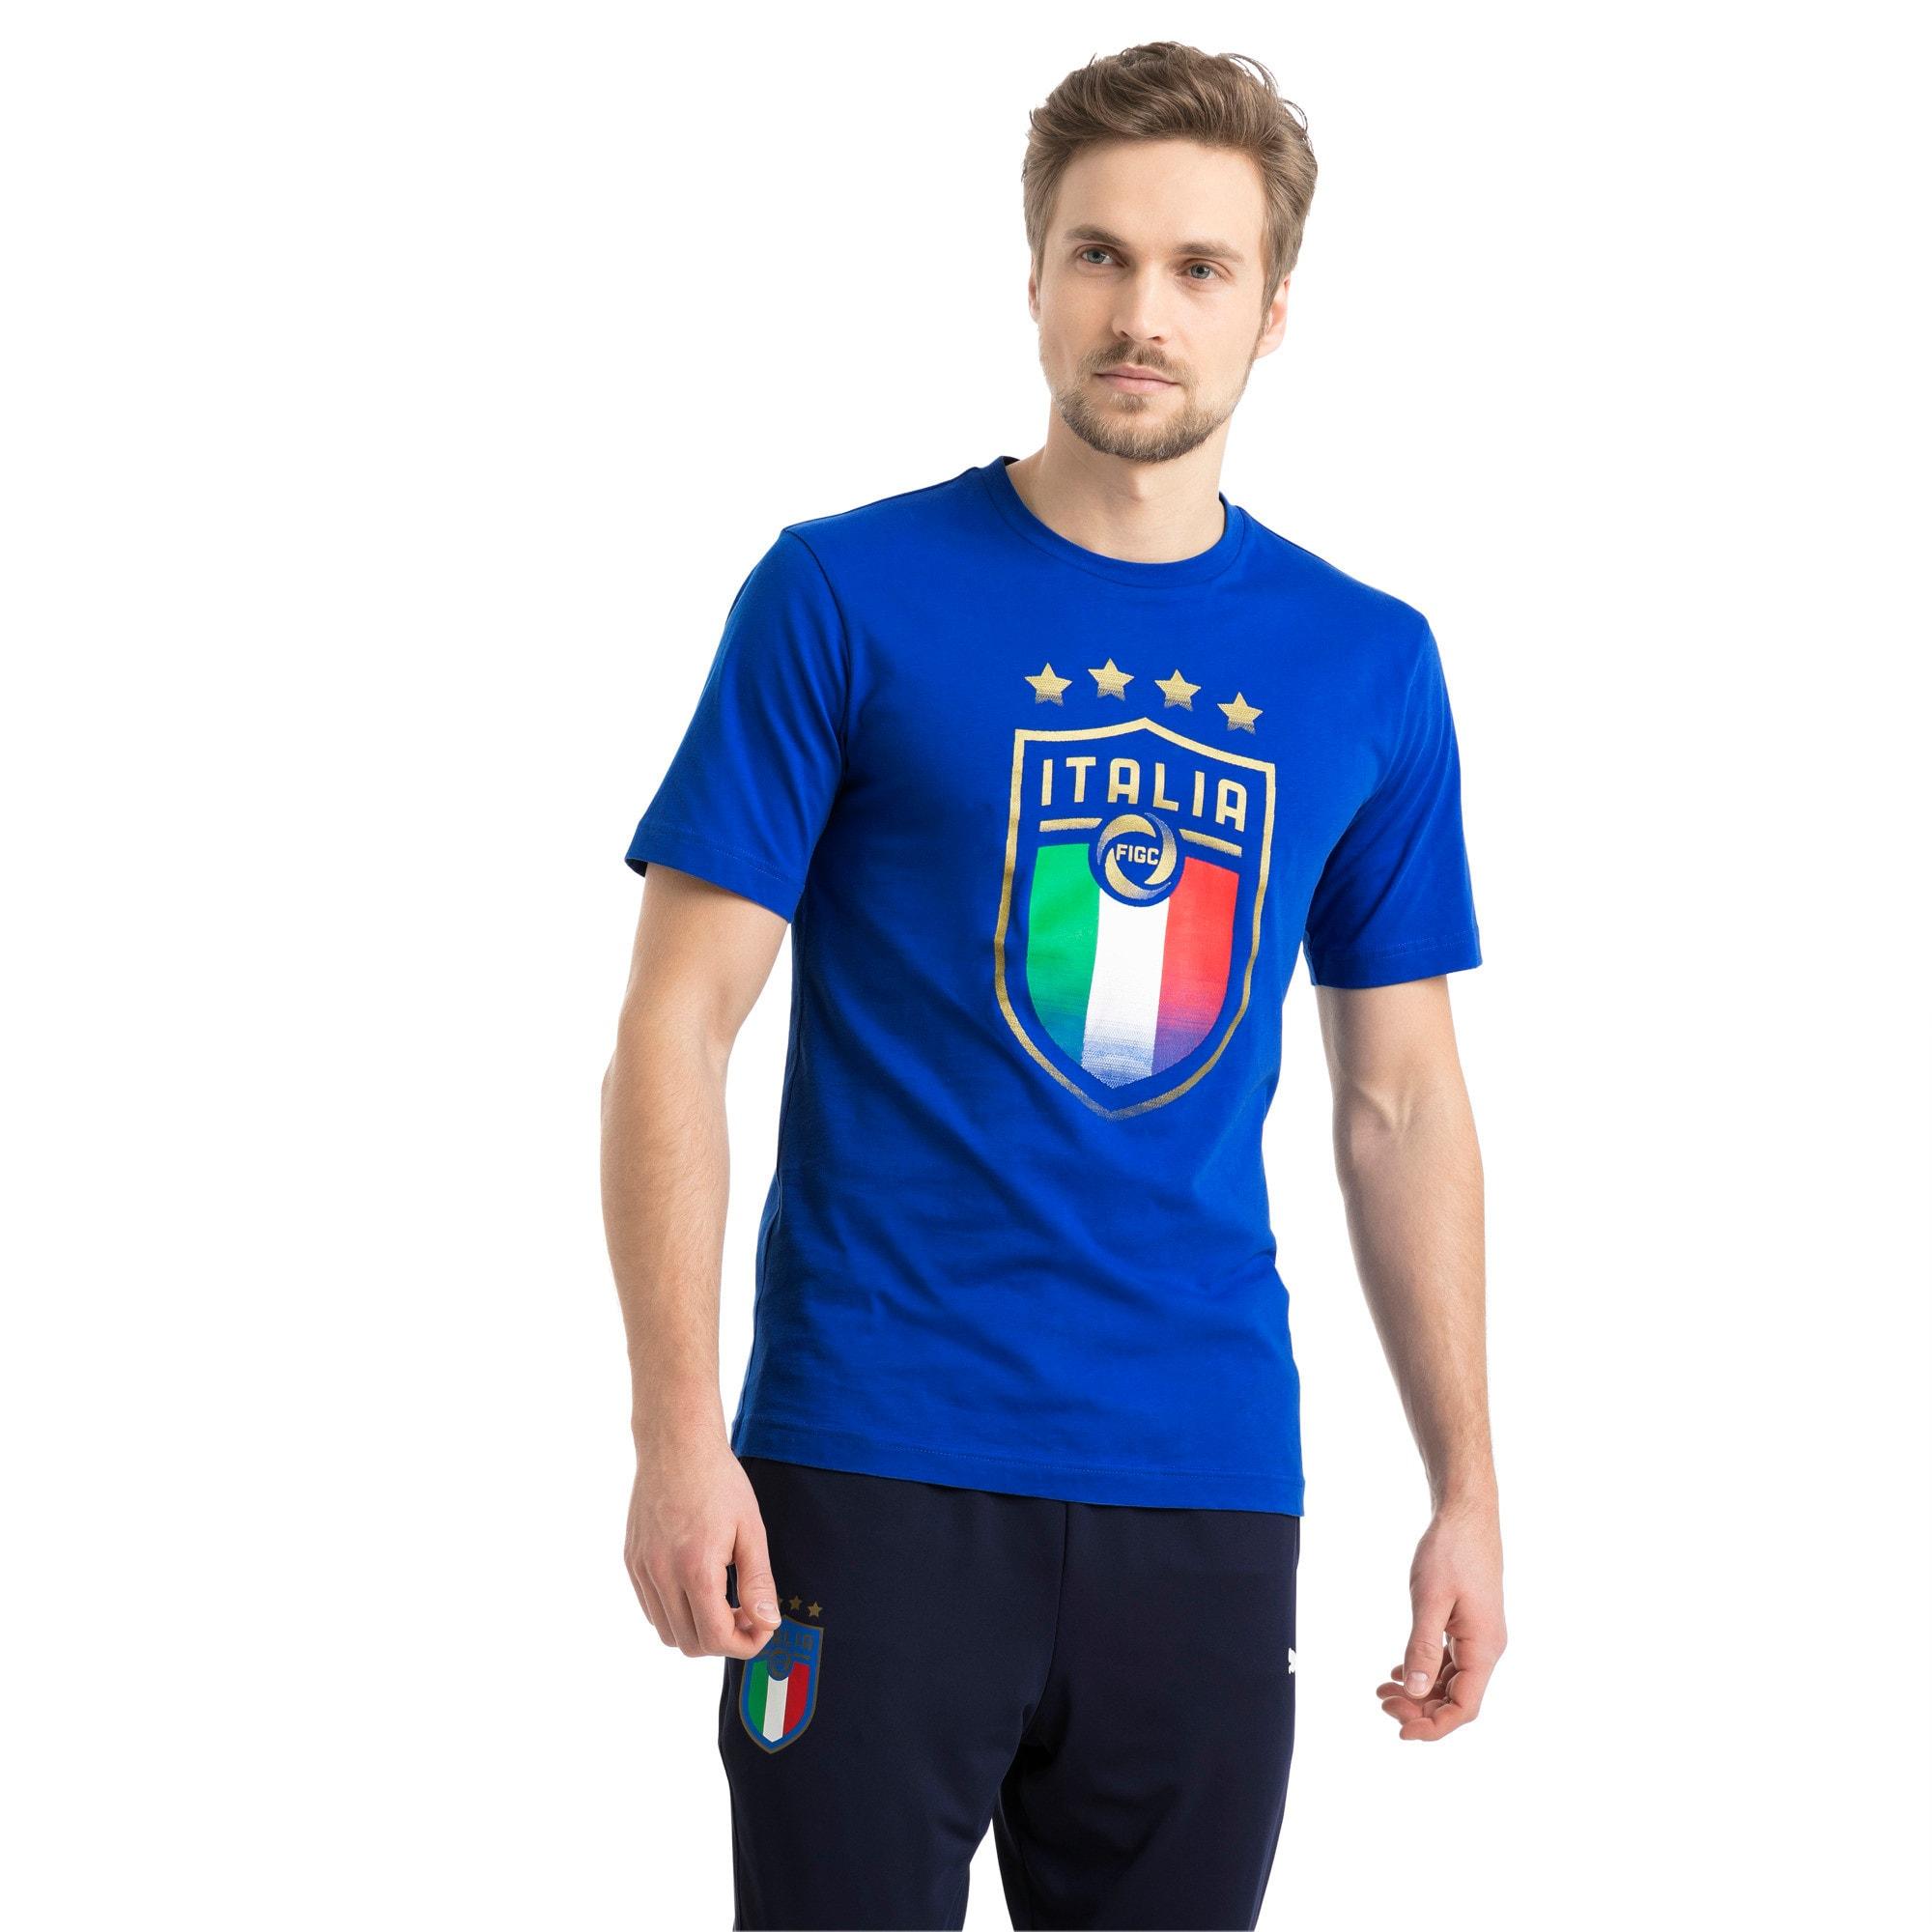 Thumbnail 2 of Italia Badge Tee, Team Power Blue, medium